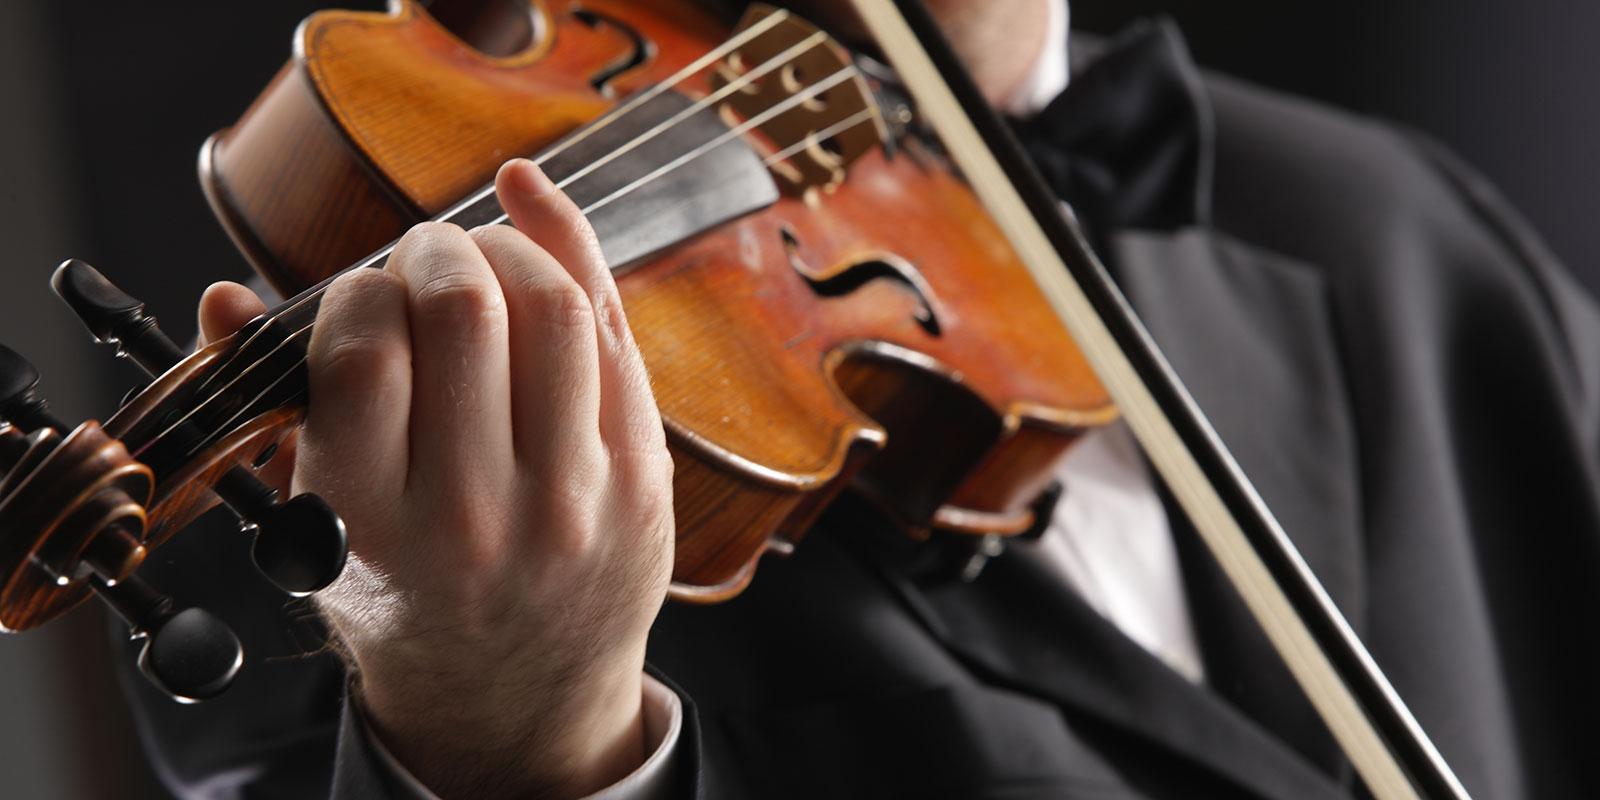 La main du musicien